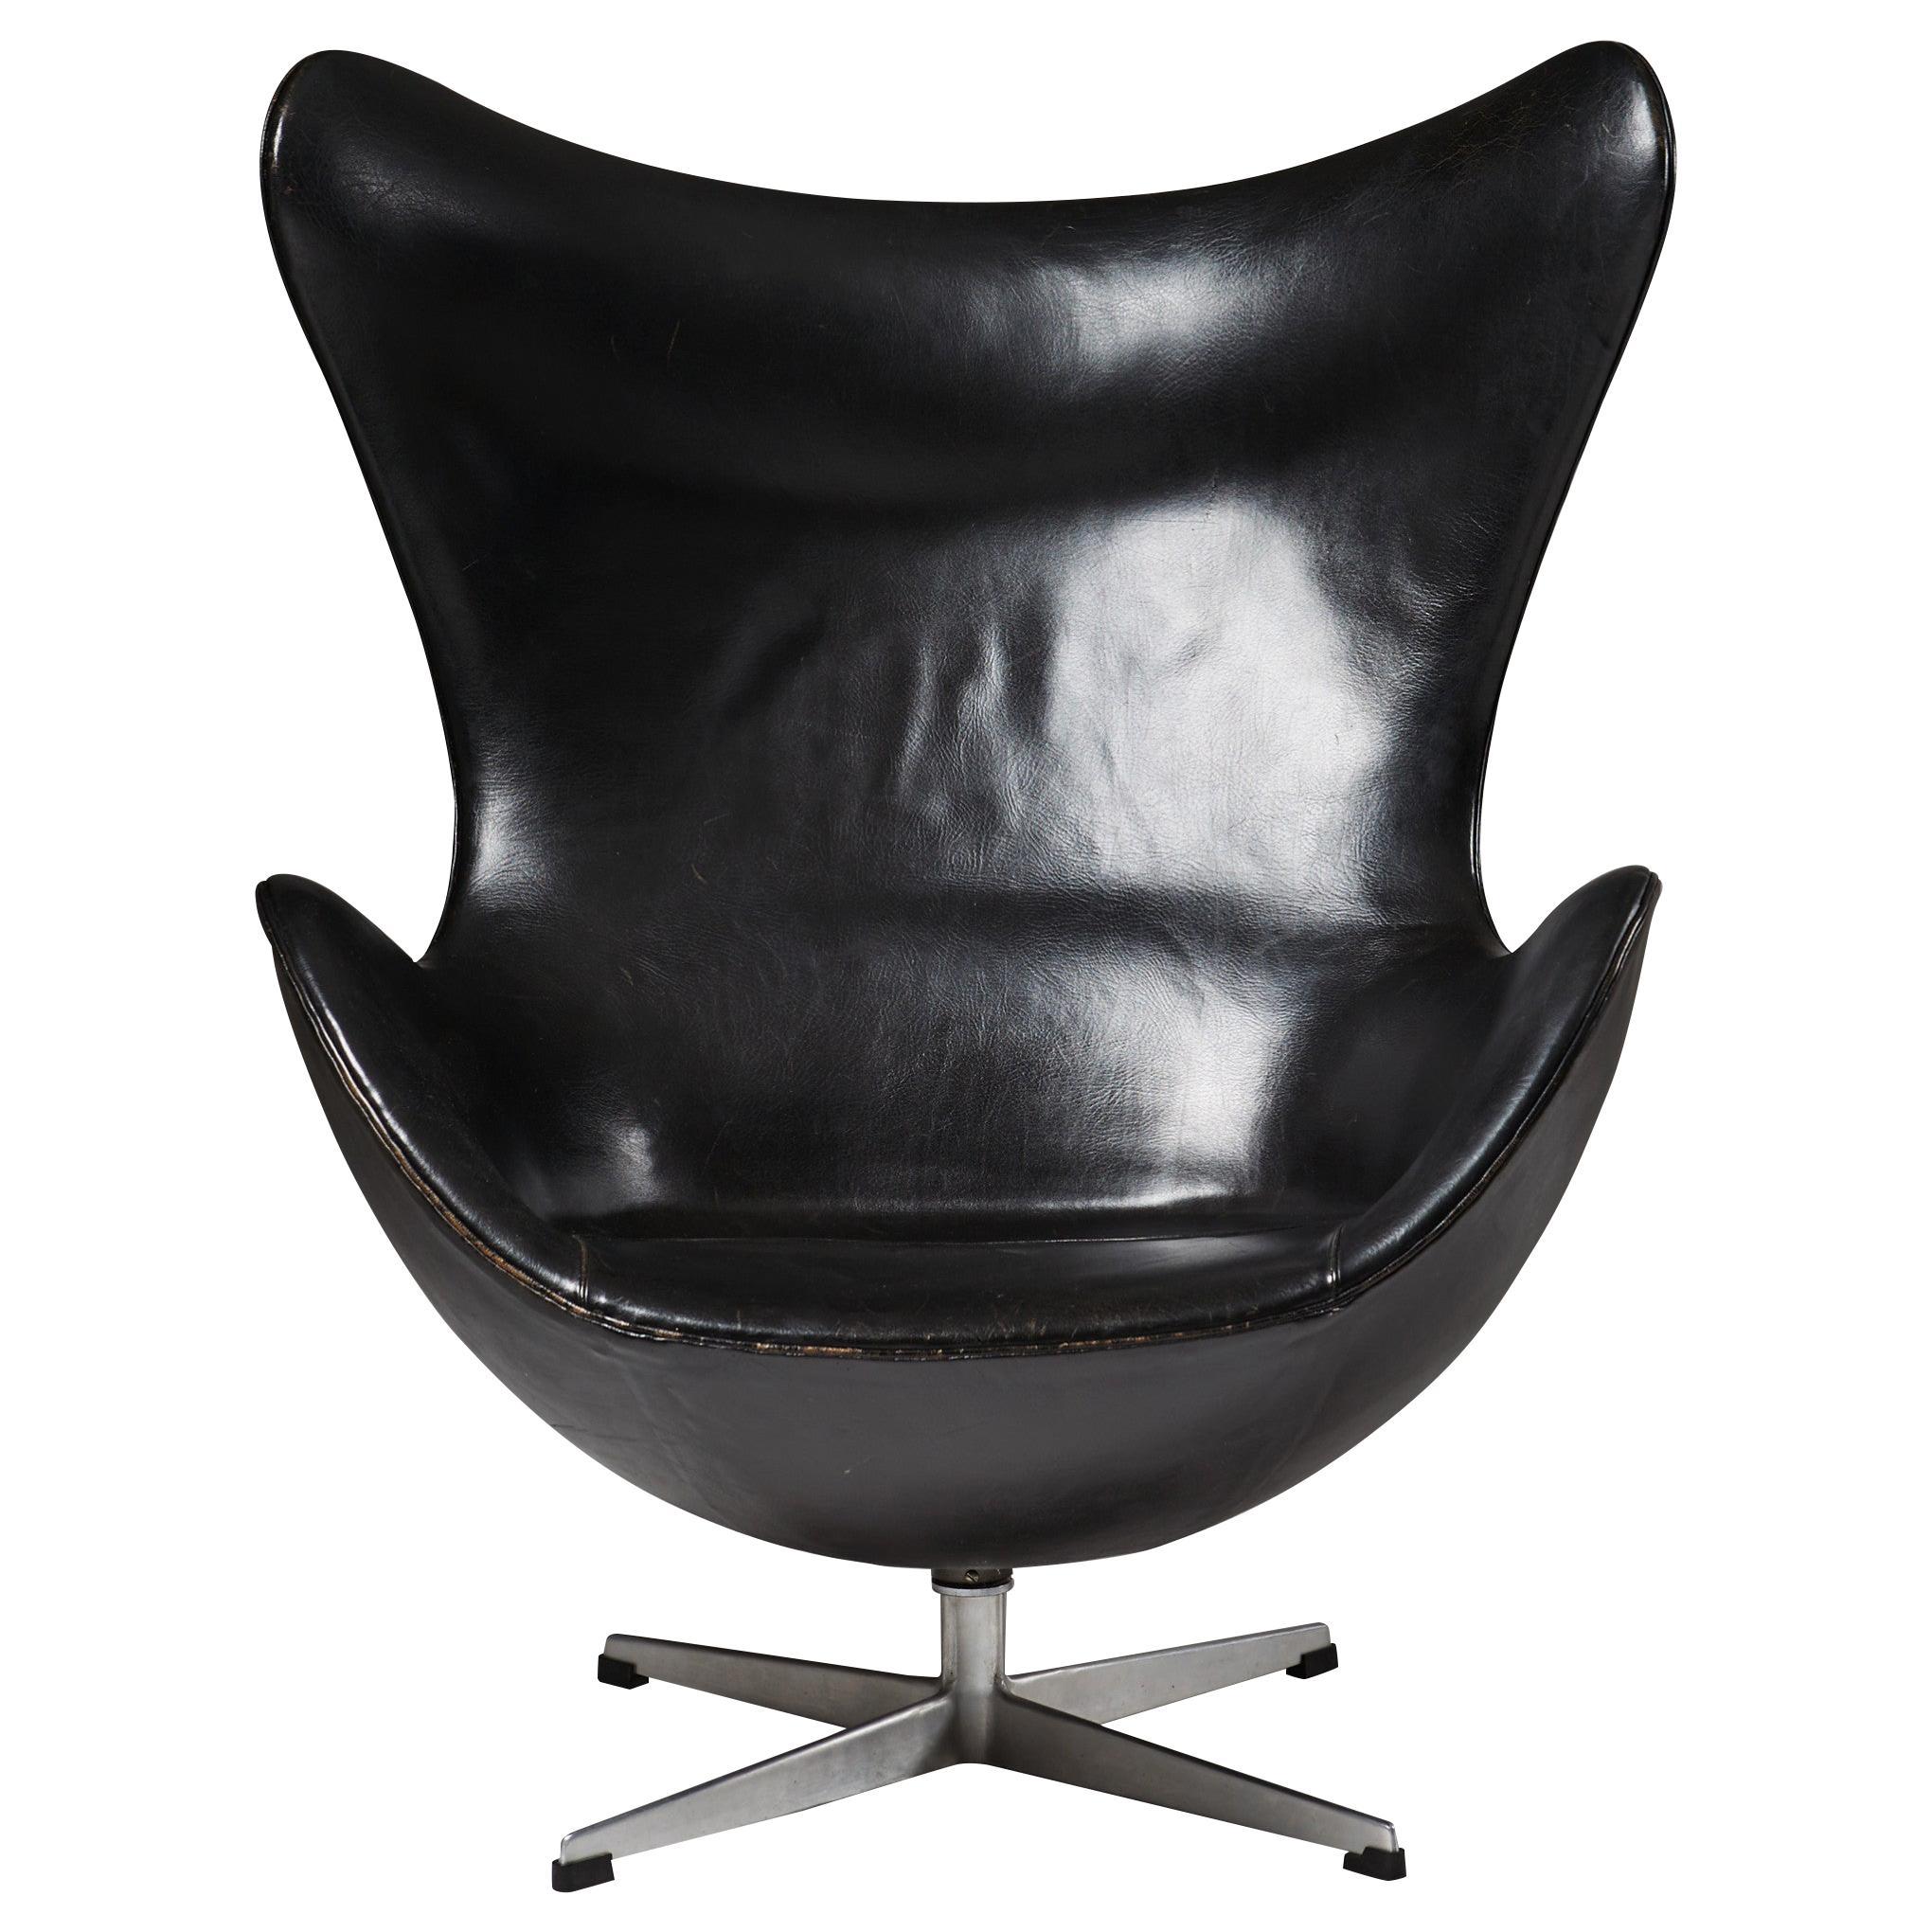 """Armchair """"Egg Chair"""" Designed by Arne Jacobsen for Fritz Hansen, Denmark, 1958"""